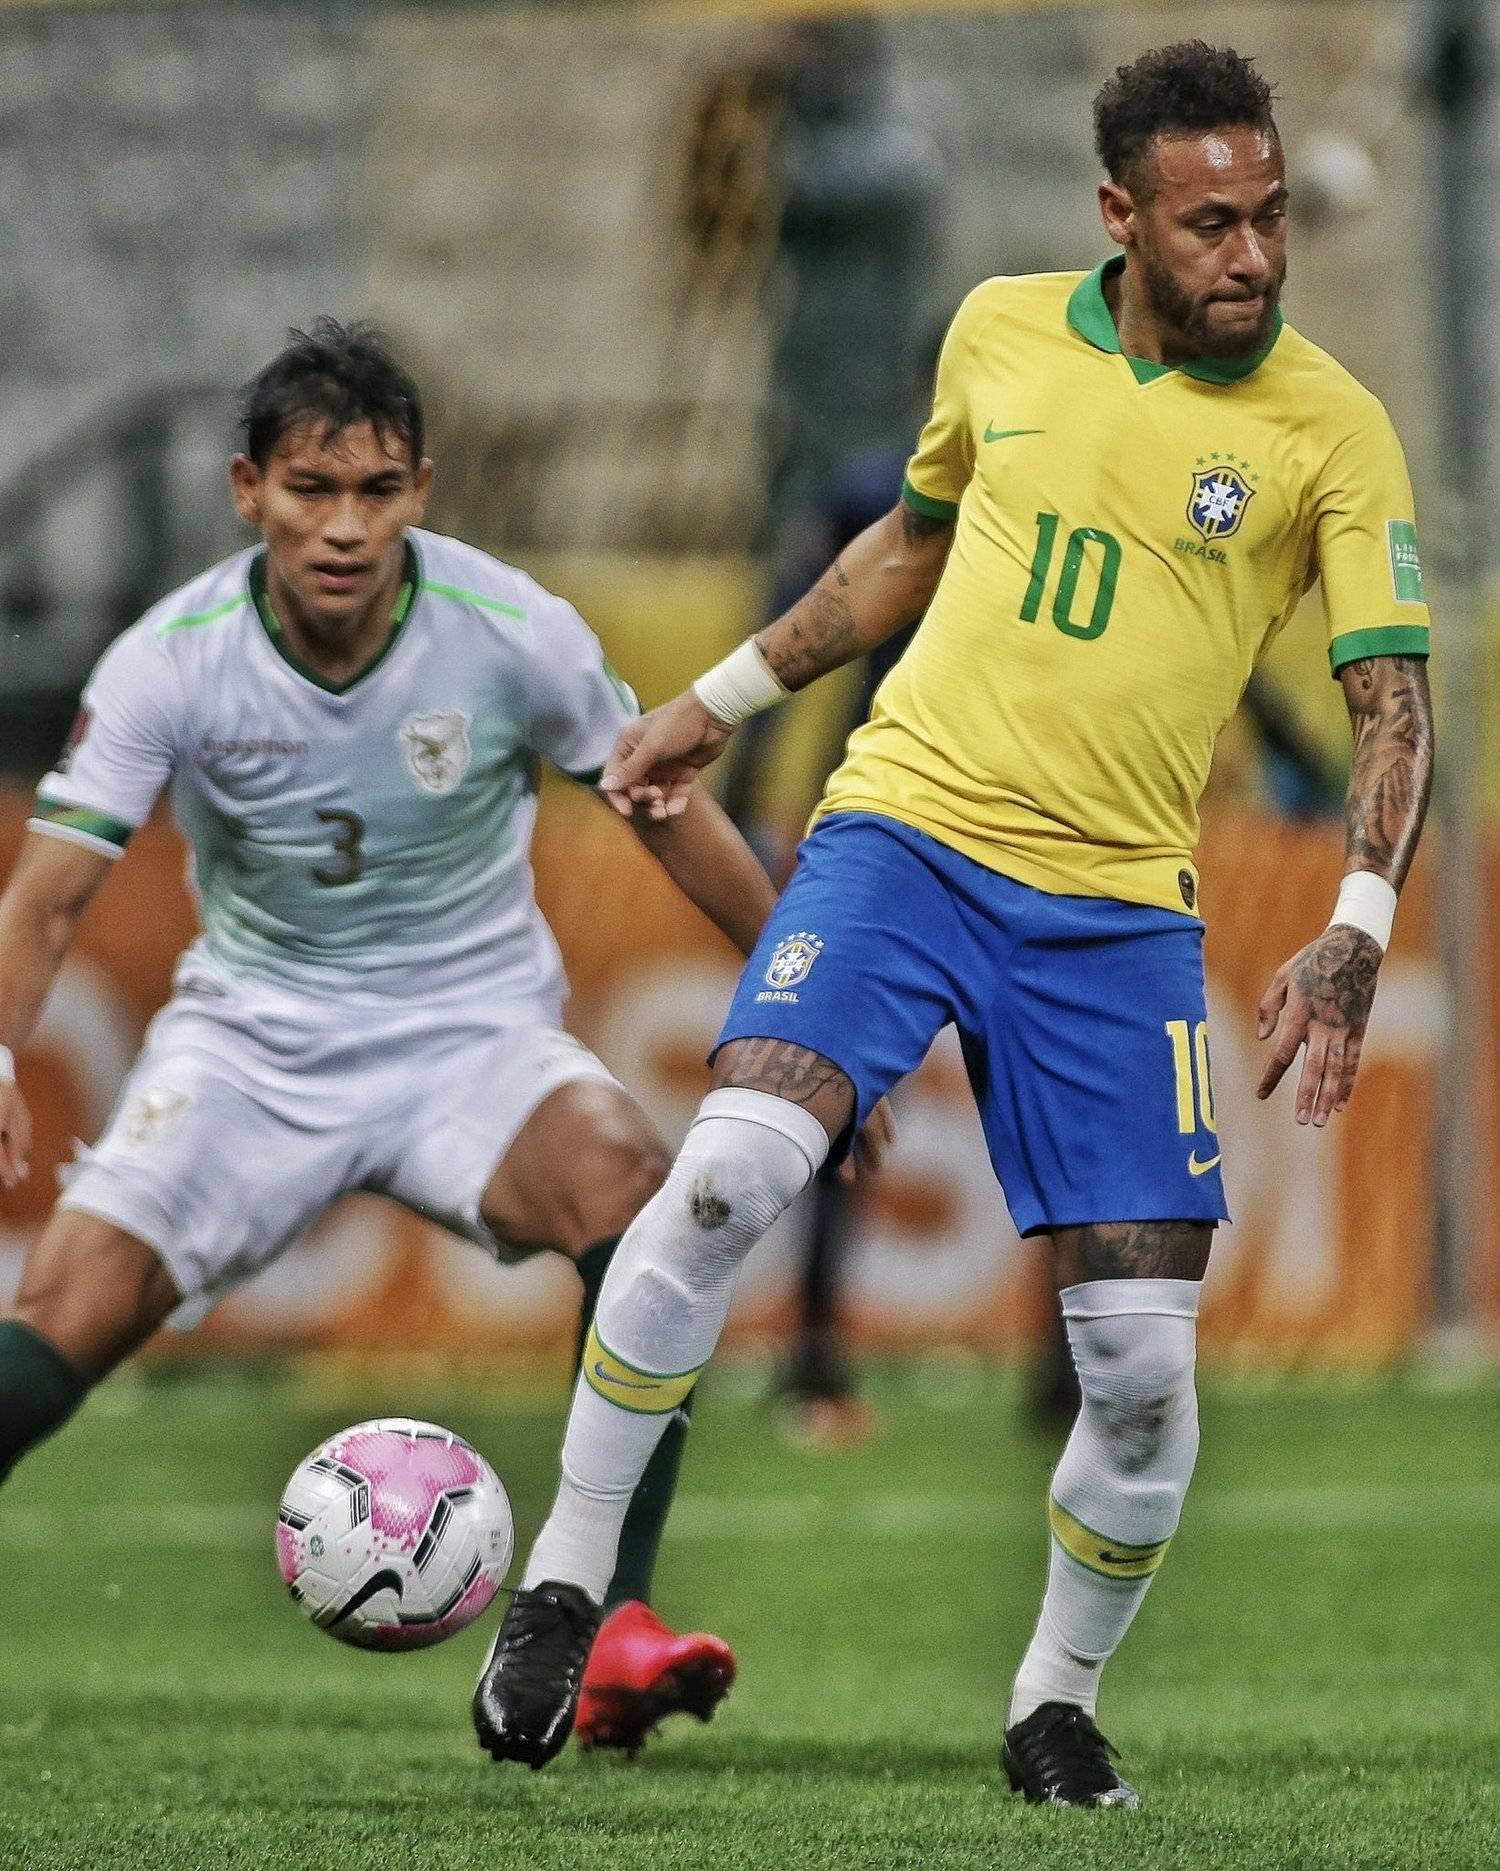 Neymar jogou bem. Só nos dez minutos finais bateu egoísmo. Queria alcançar Ronaldo